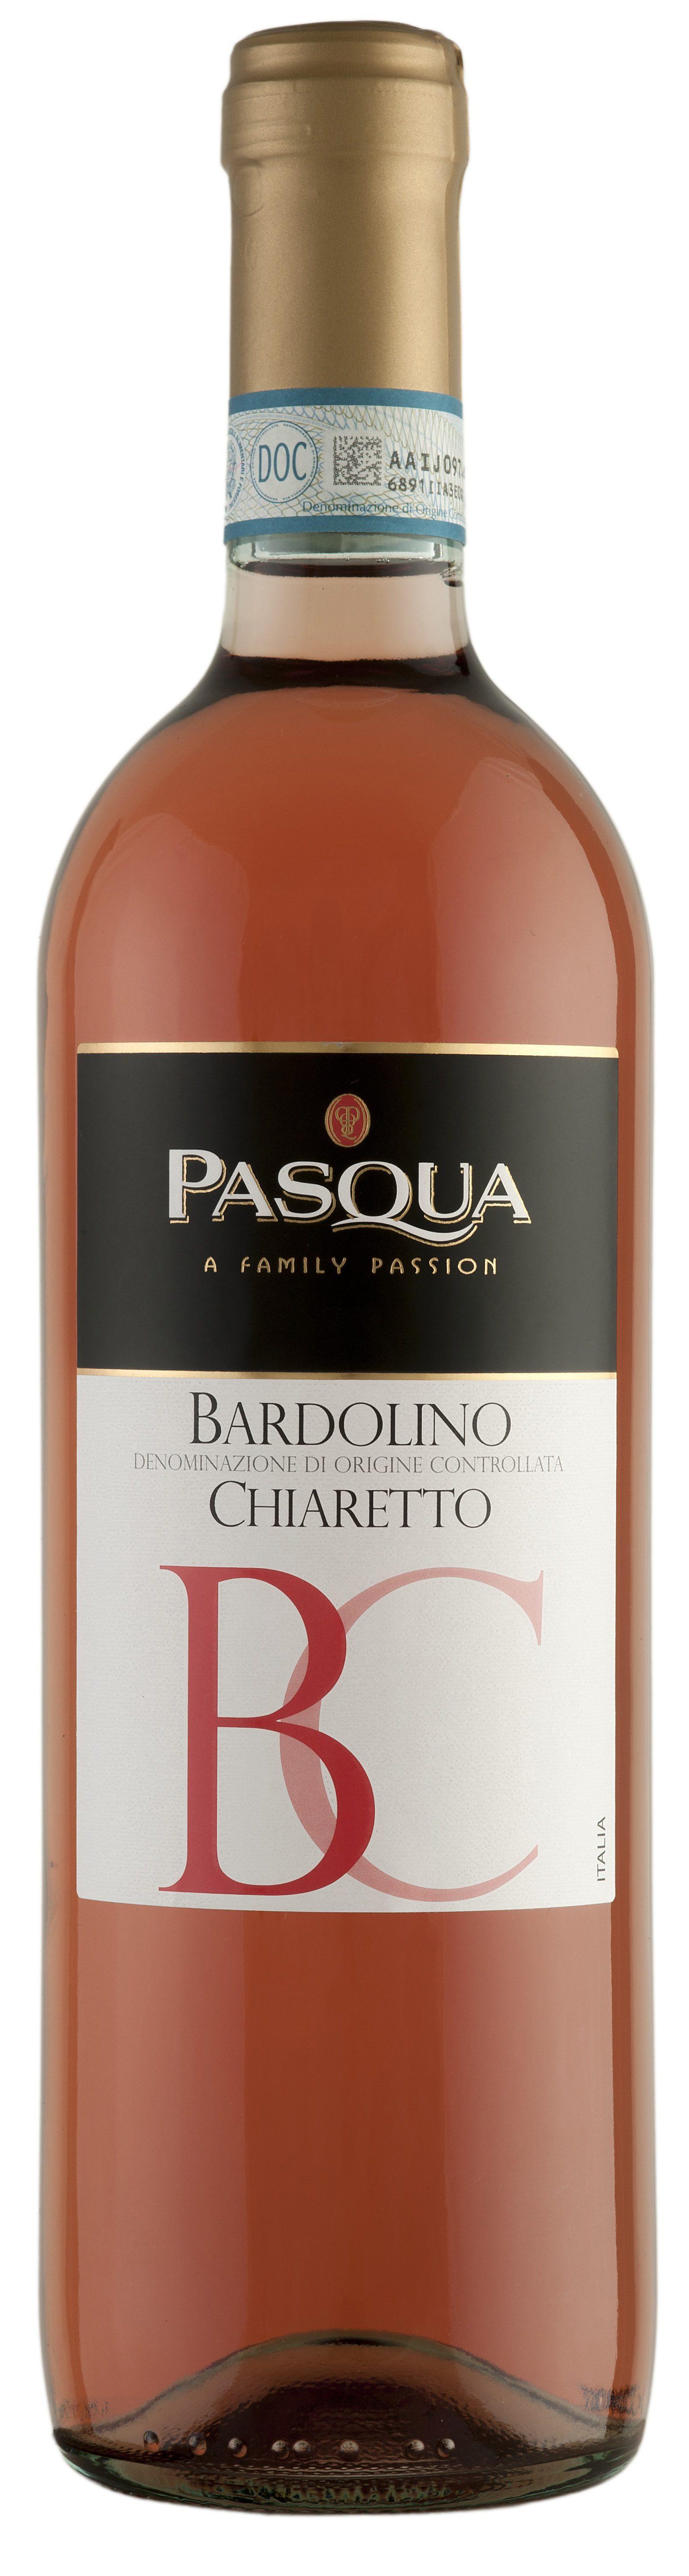 Pasqua Bardolino Chiaretto Classico